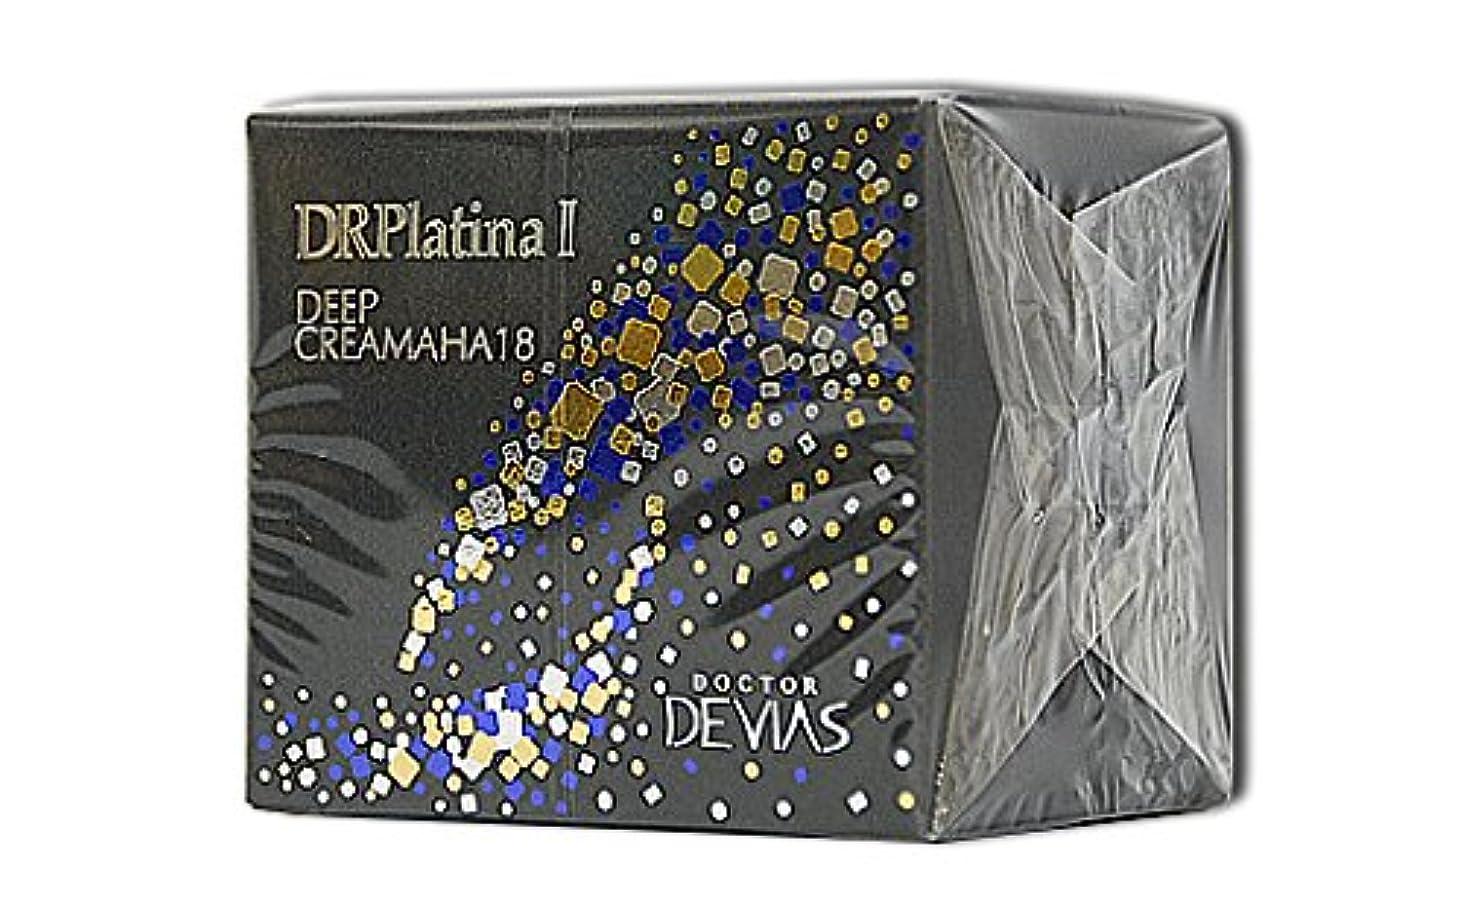 カンガルーバッチ忘れられないDRデヴィアス プラチナ ディープ クリーム AHA18 Ⅱ 30g